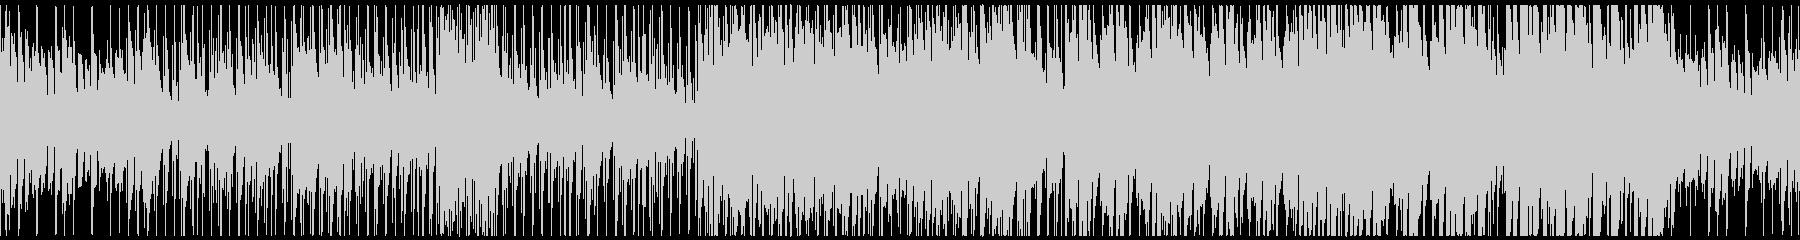 シリアスバトルなピアノジャズ(ループ)の未再生の波形